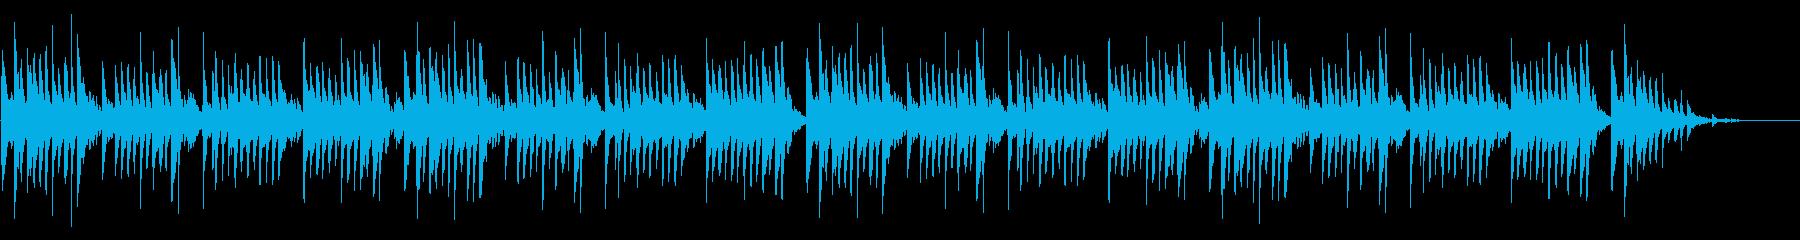 「夕焼け小焼け」シンプルな琴のアレンジの再生済みの波形